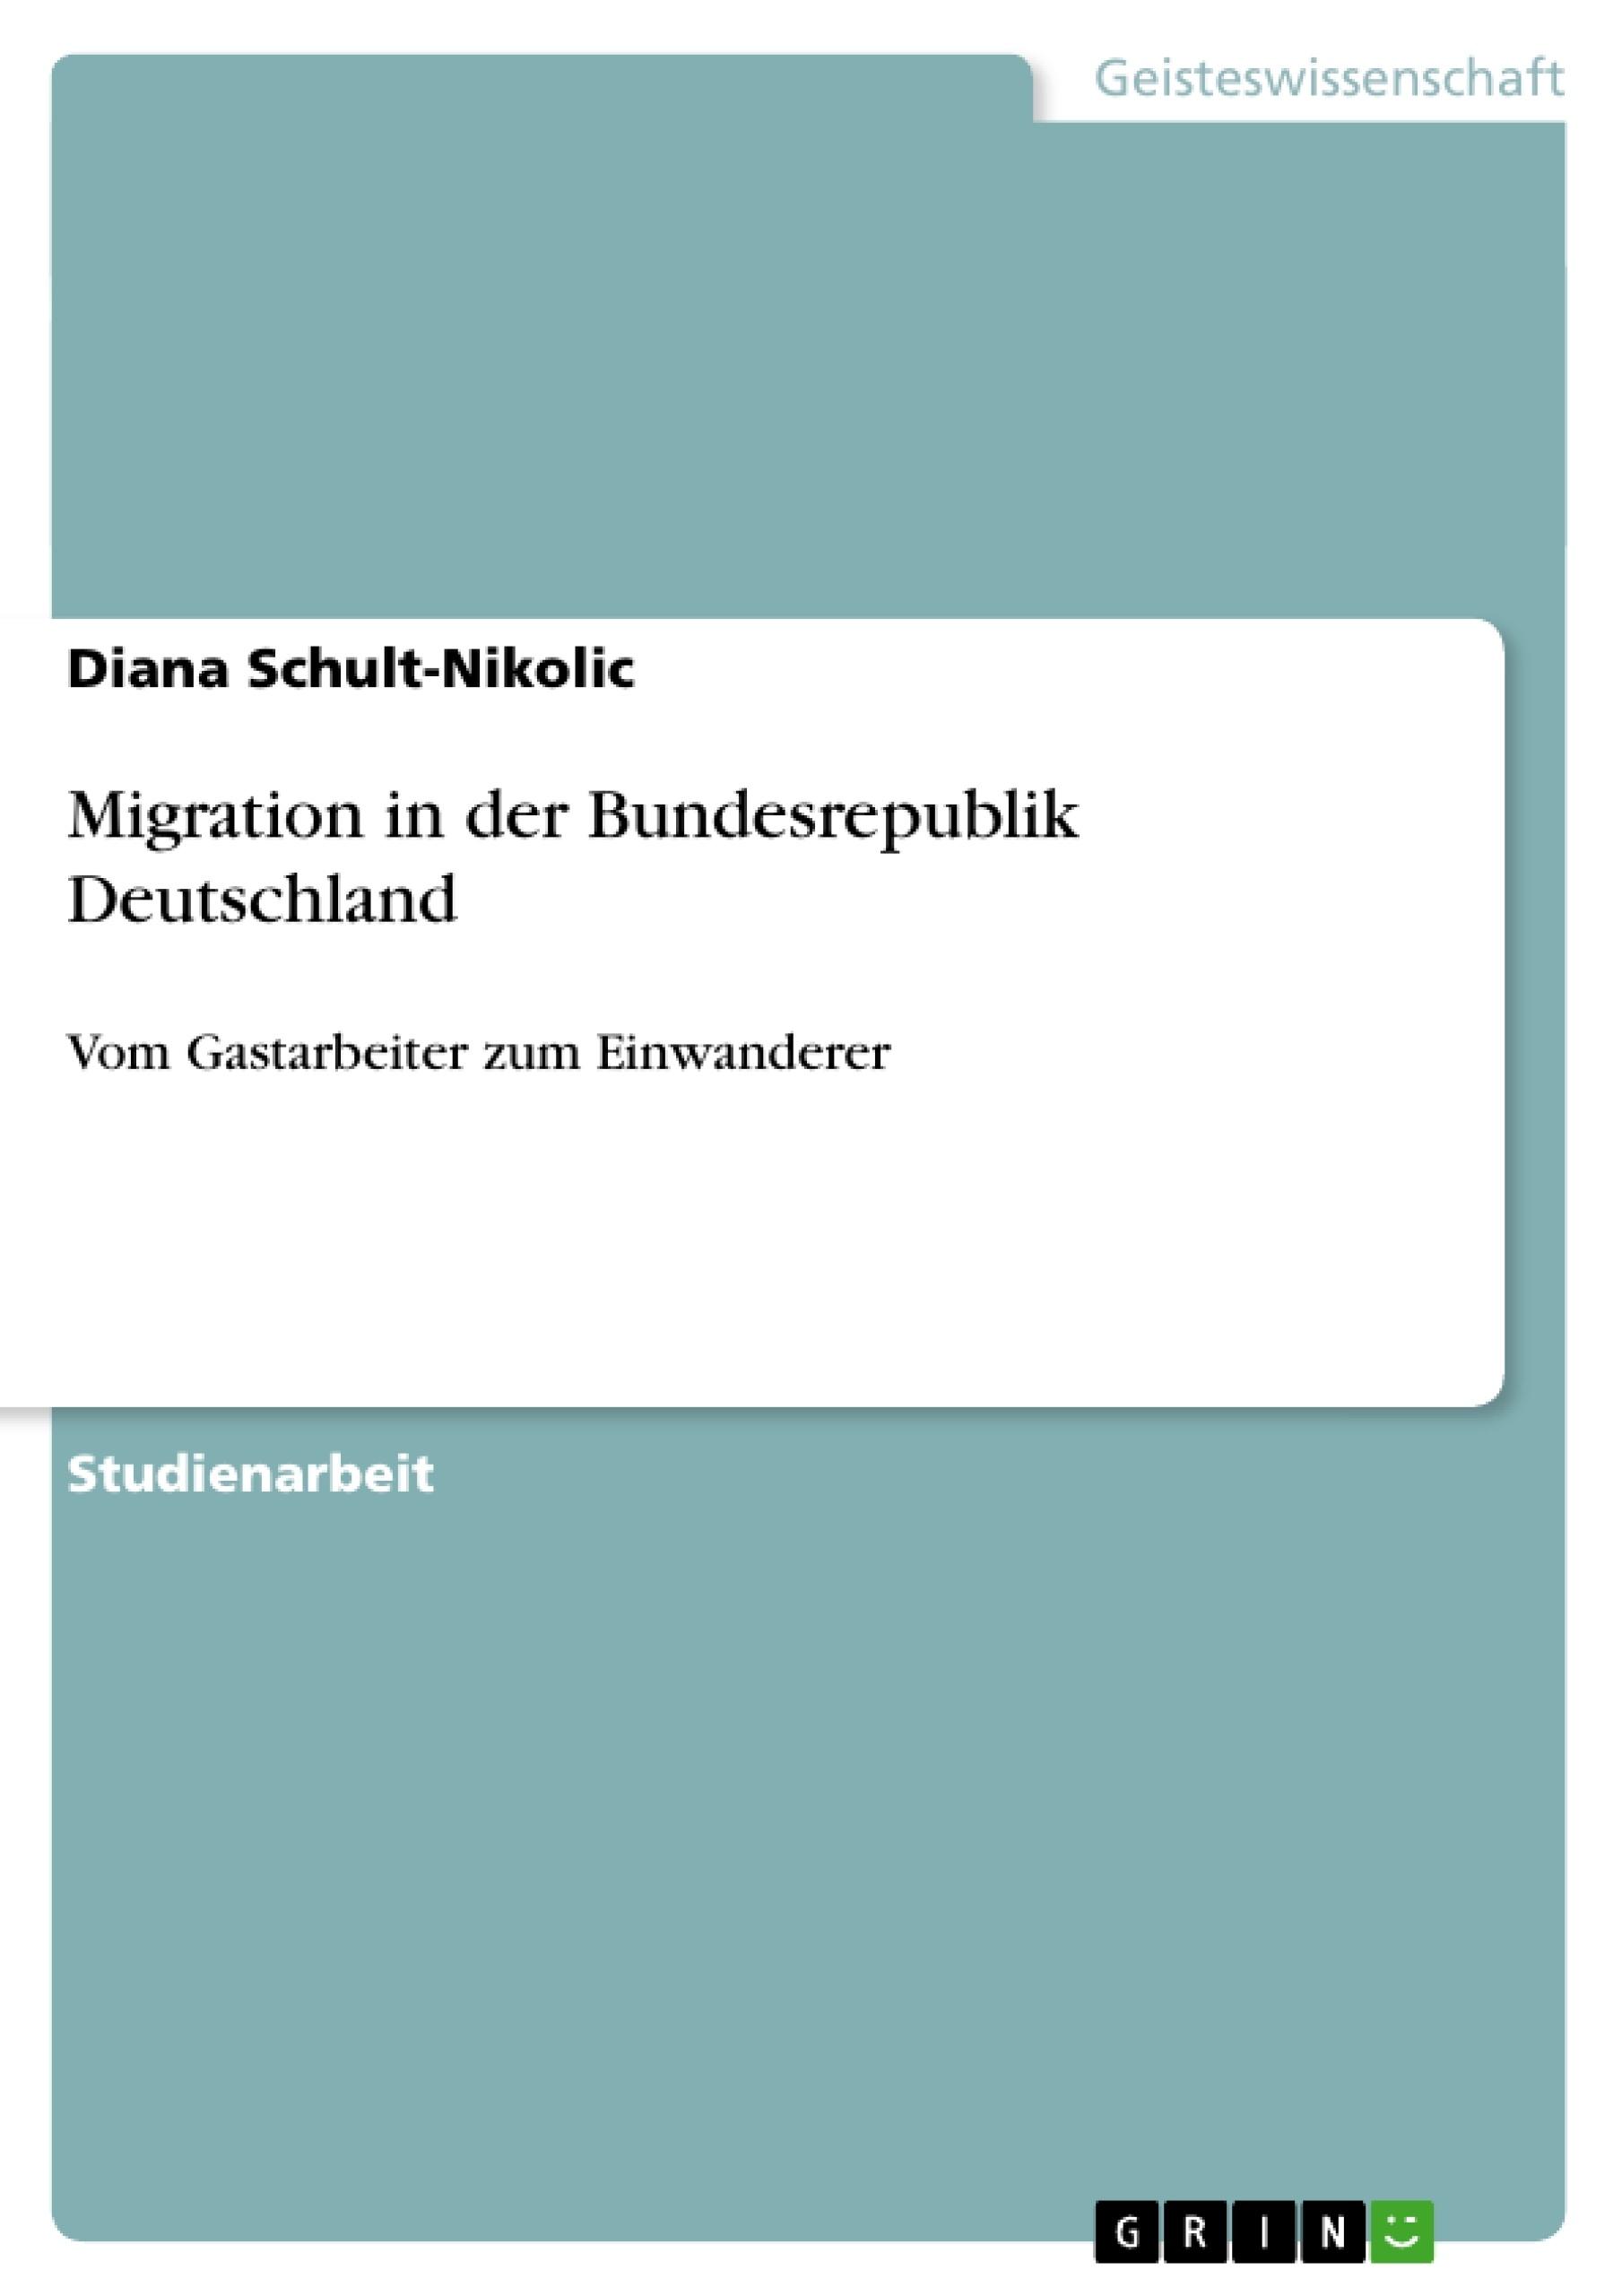 Titel: Migration in der Bundesrepublik Deutschland